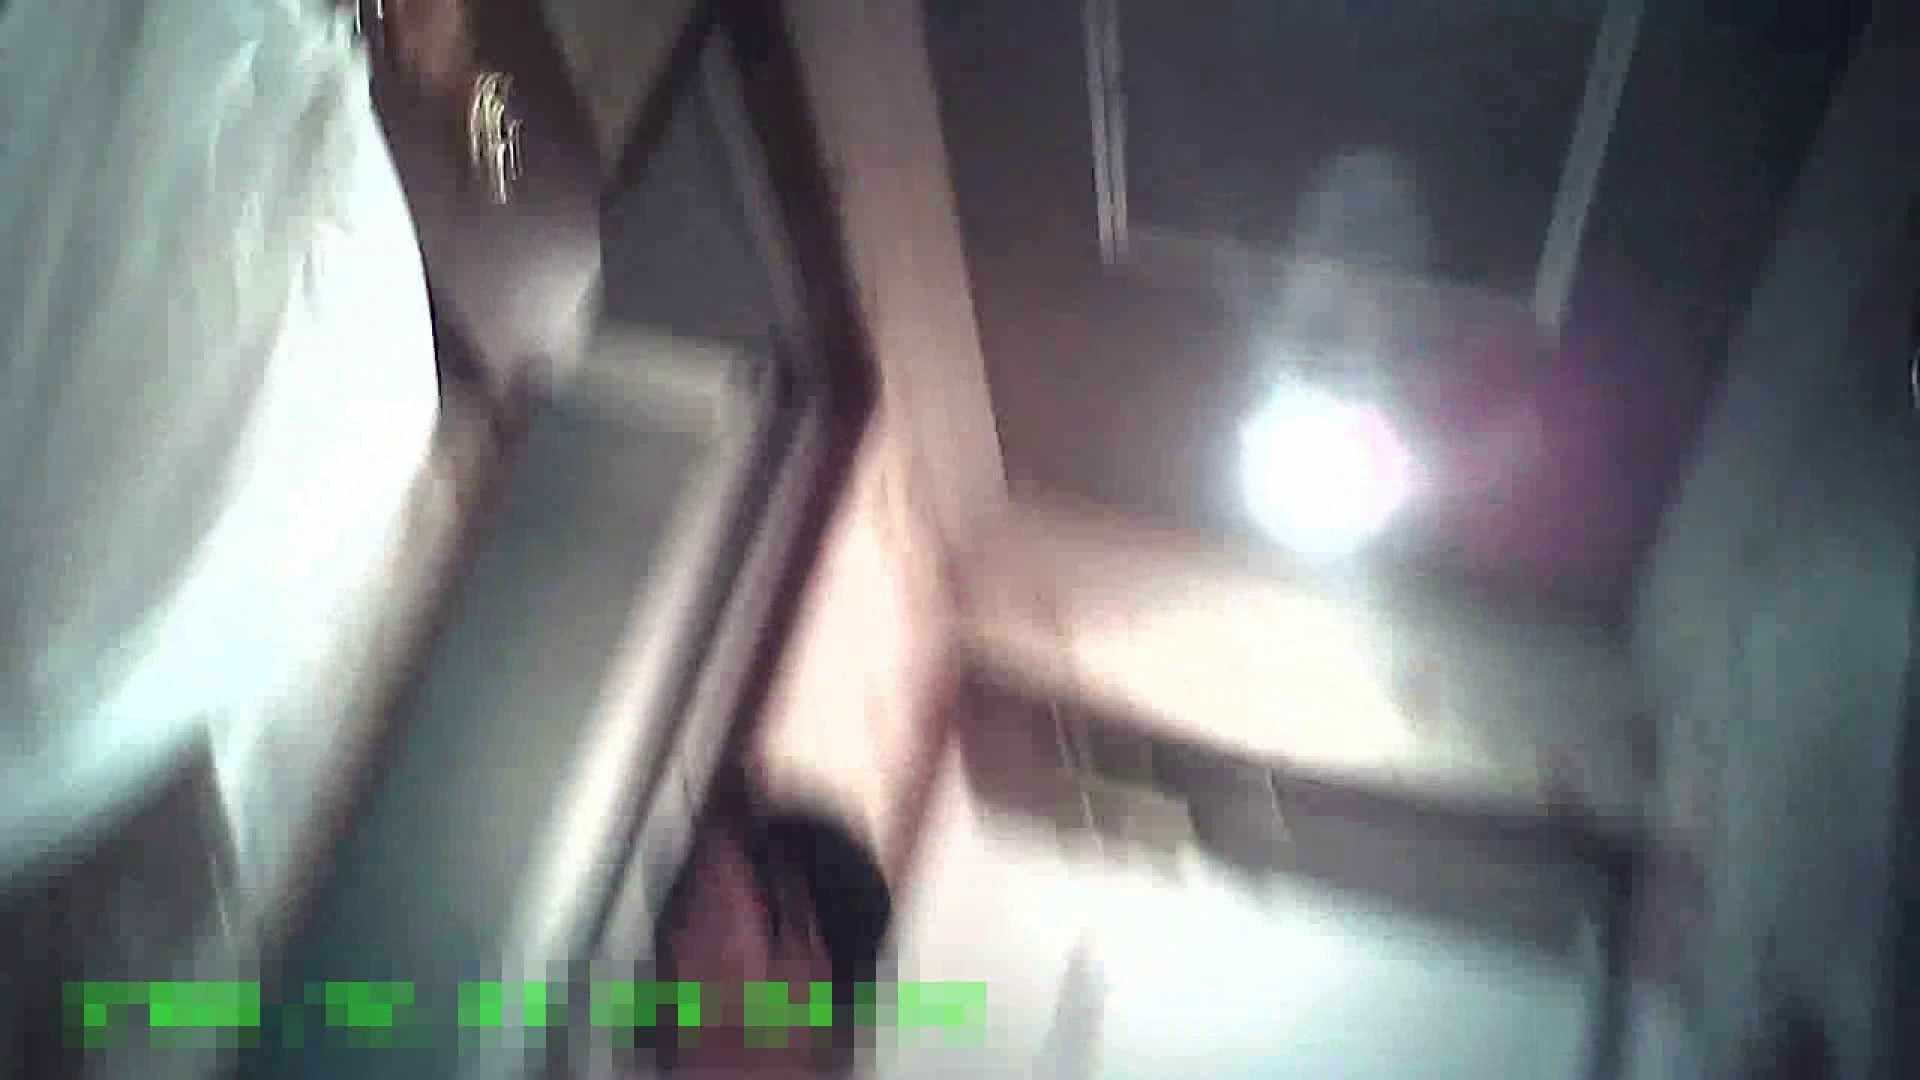 禁断、、家庭教のおしえ子 (シリーズⅣ) しのぶちゃん  Vol.26 脱衣編 むっちり アダルト動画キャプチャ 103画像 22